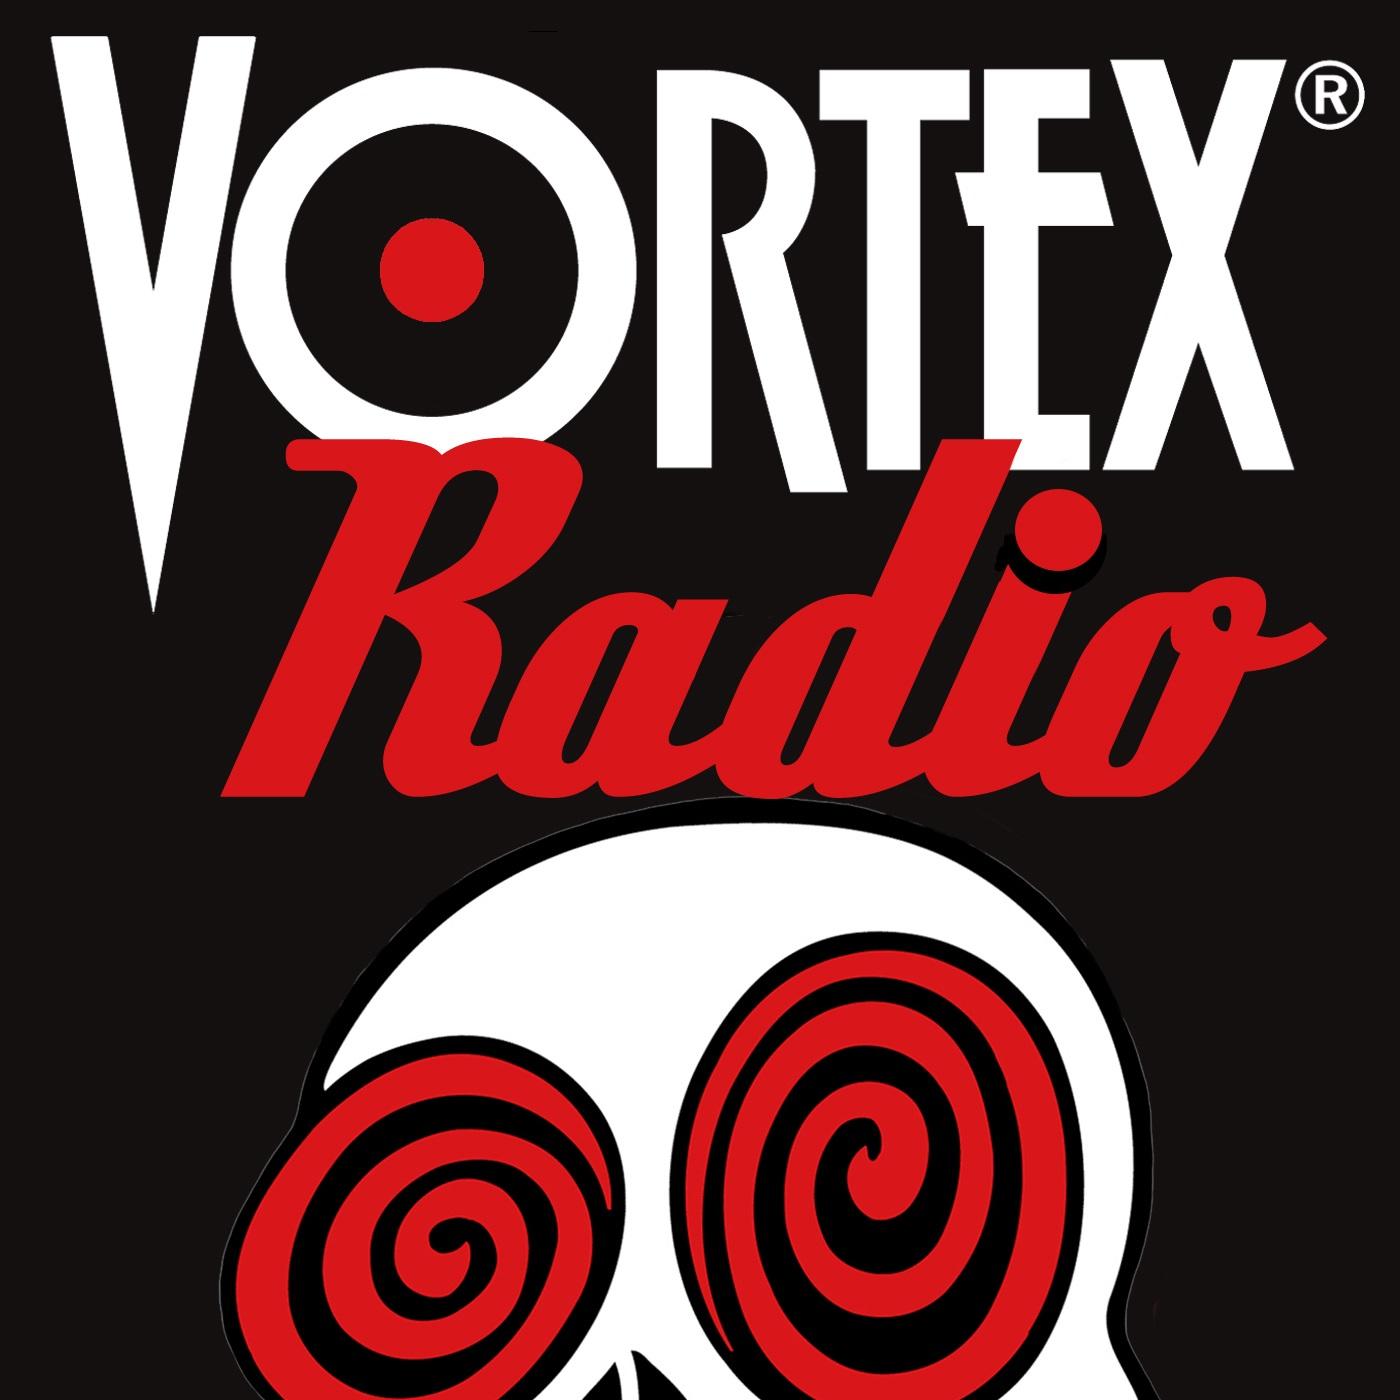 Vortex Radio show art